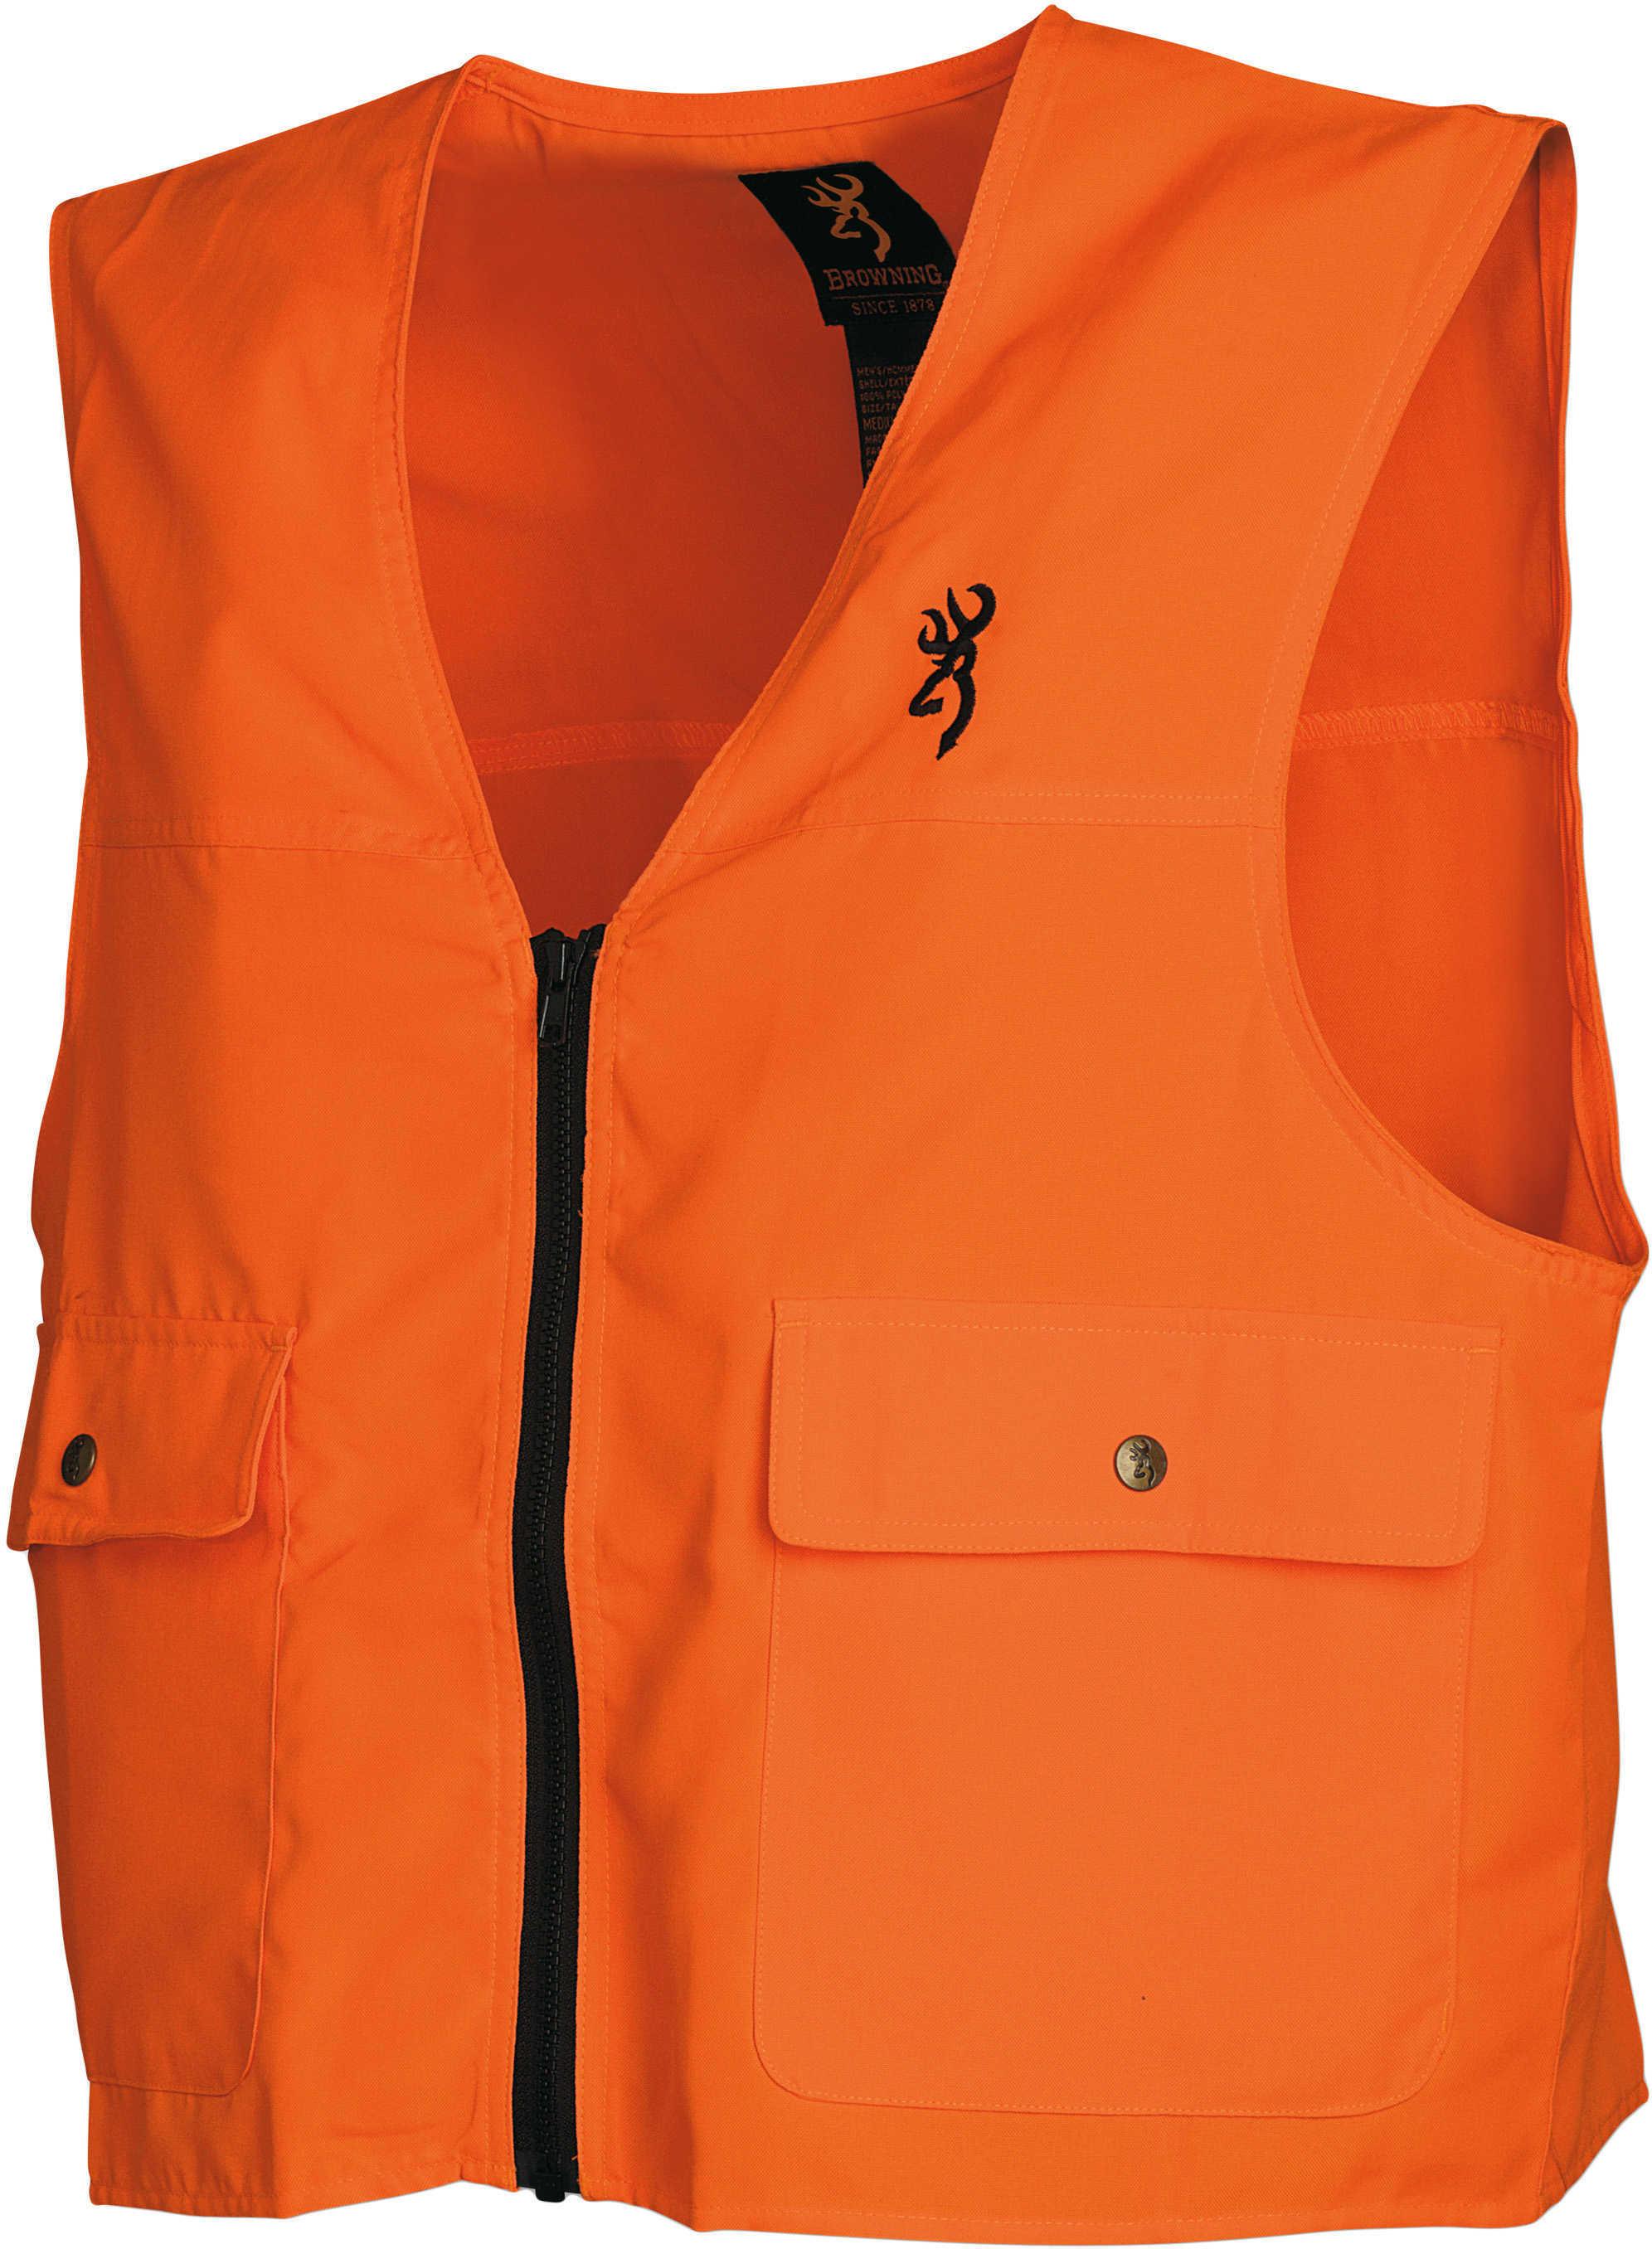 Browning Safety Vest Vest Safety Blaze Xl Md: 3051000104